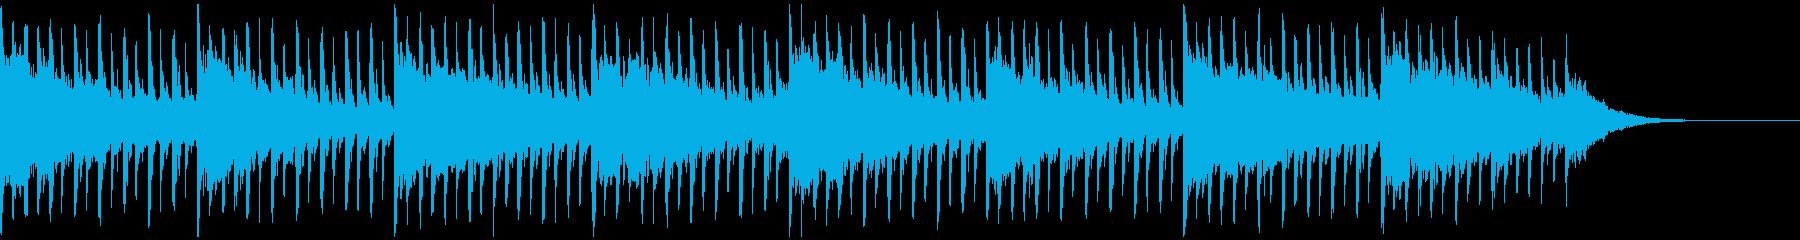 これはインタビュー(43秒)ですの再生済みの波形